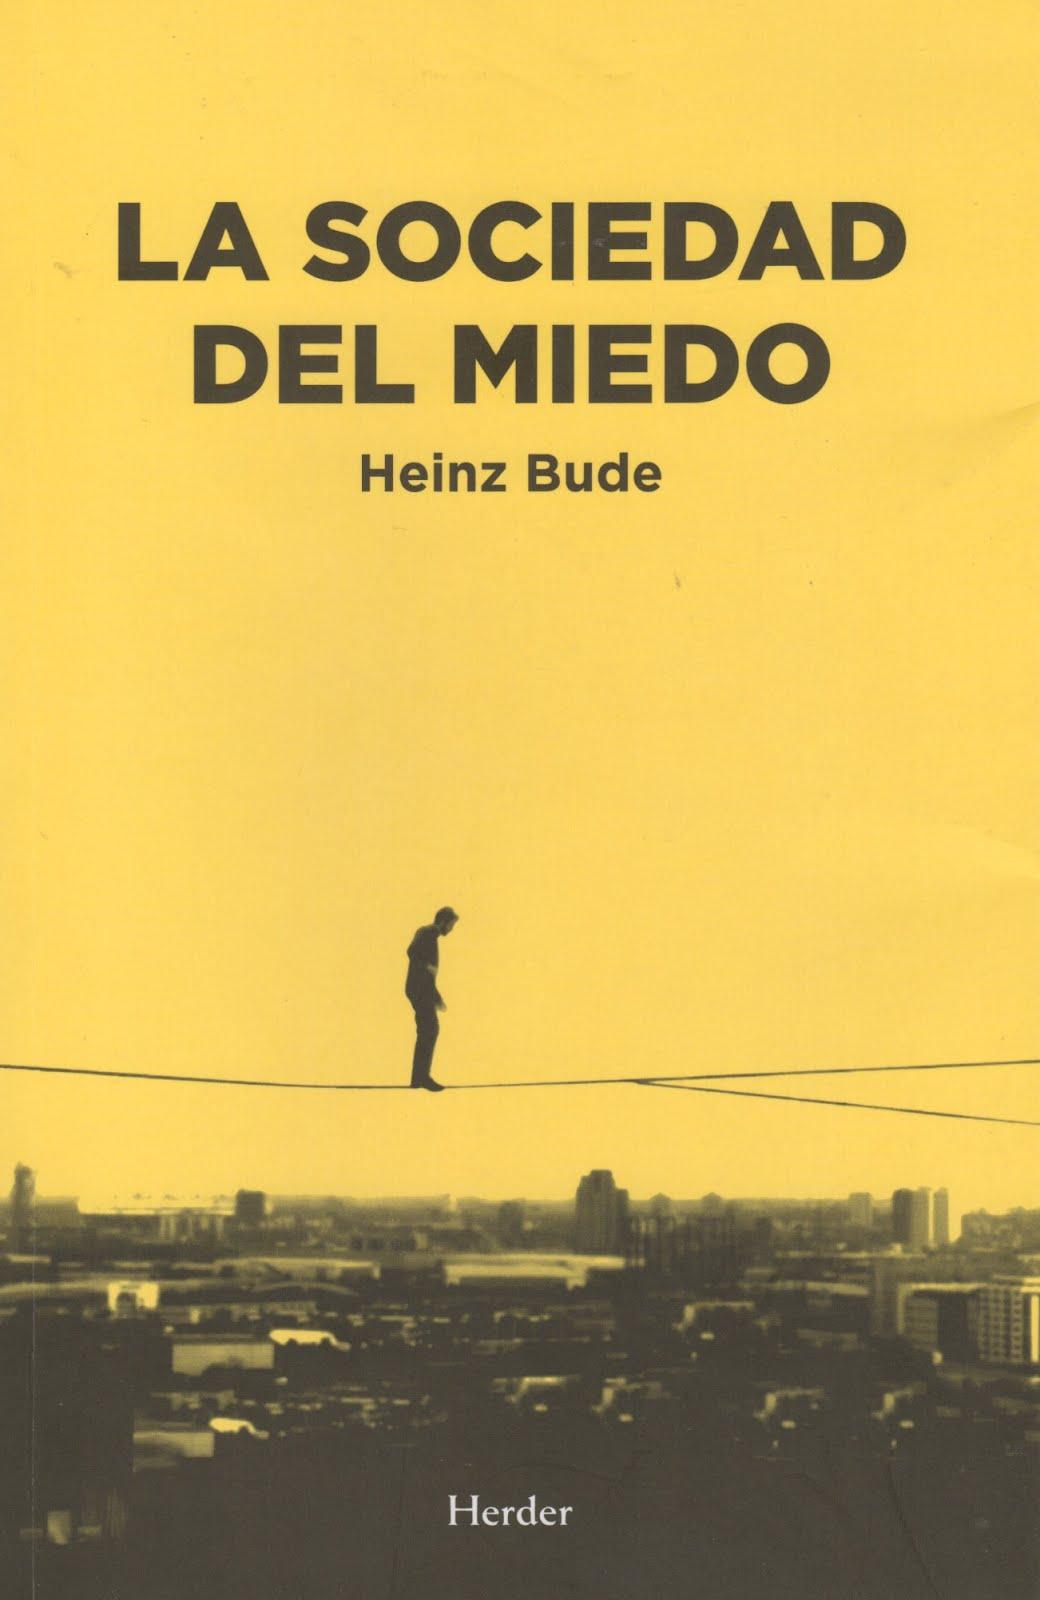 Heinz Bude (La sociedad del miedo)